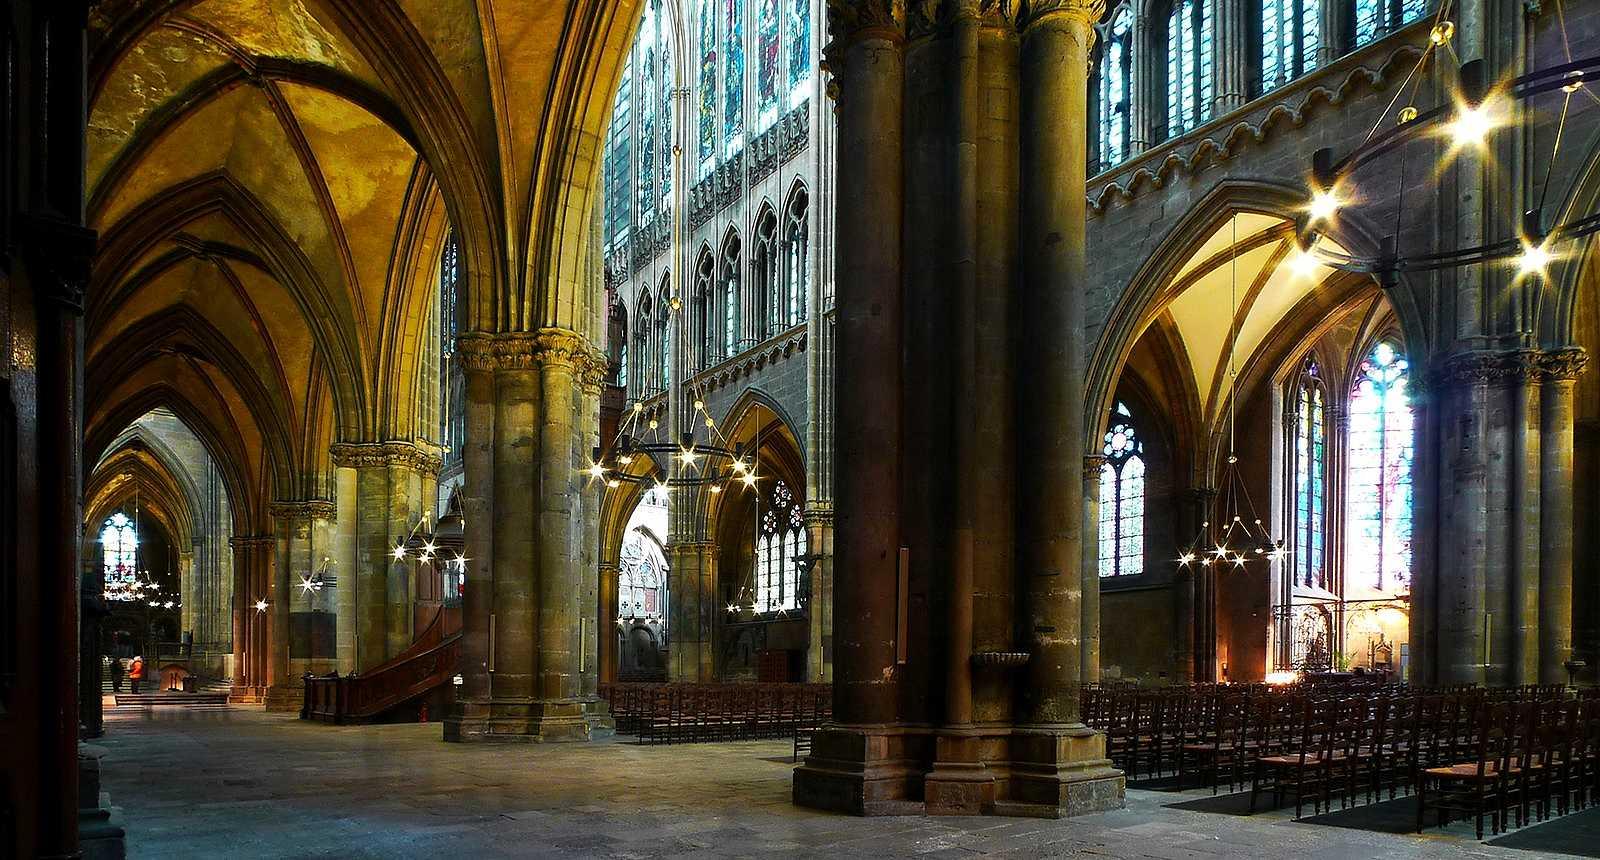 L'intérieur de la Cathédrale Saint-Etienne de Metz